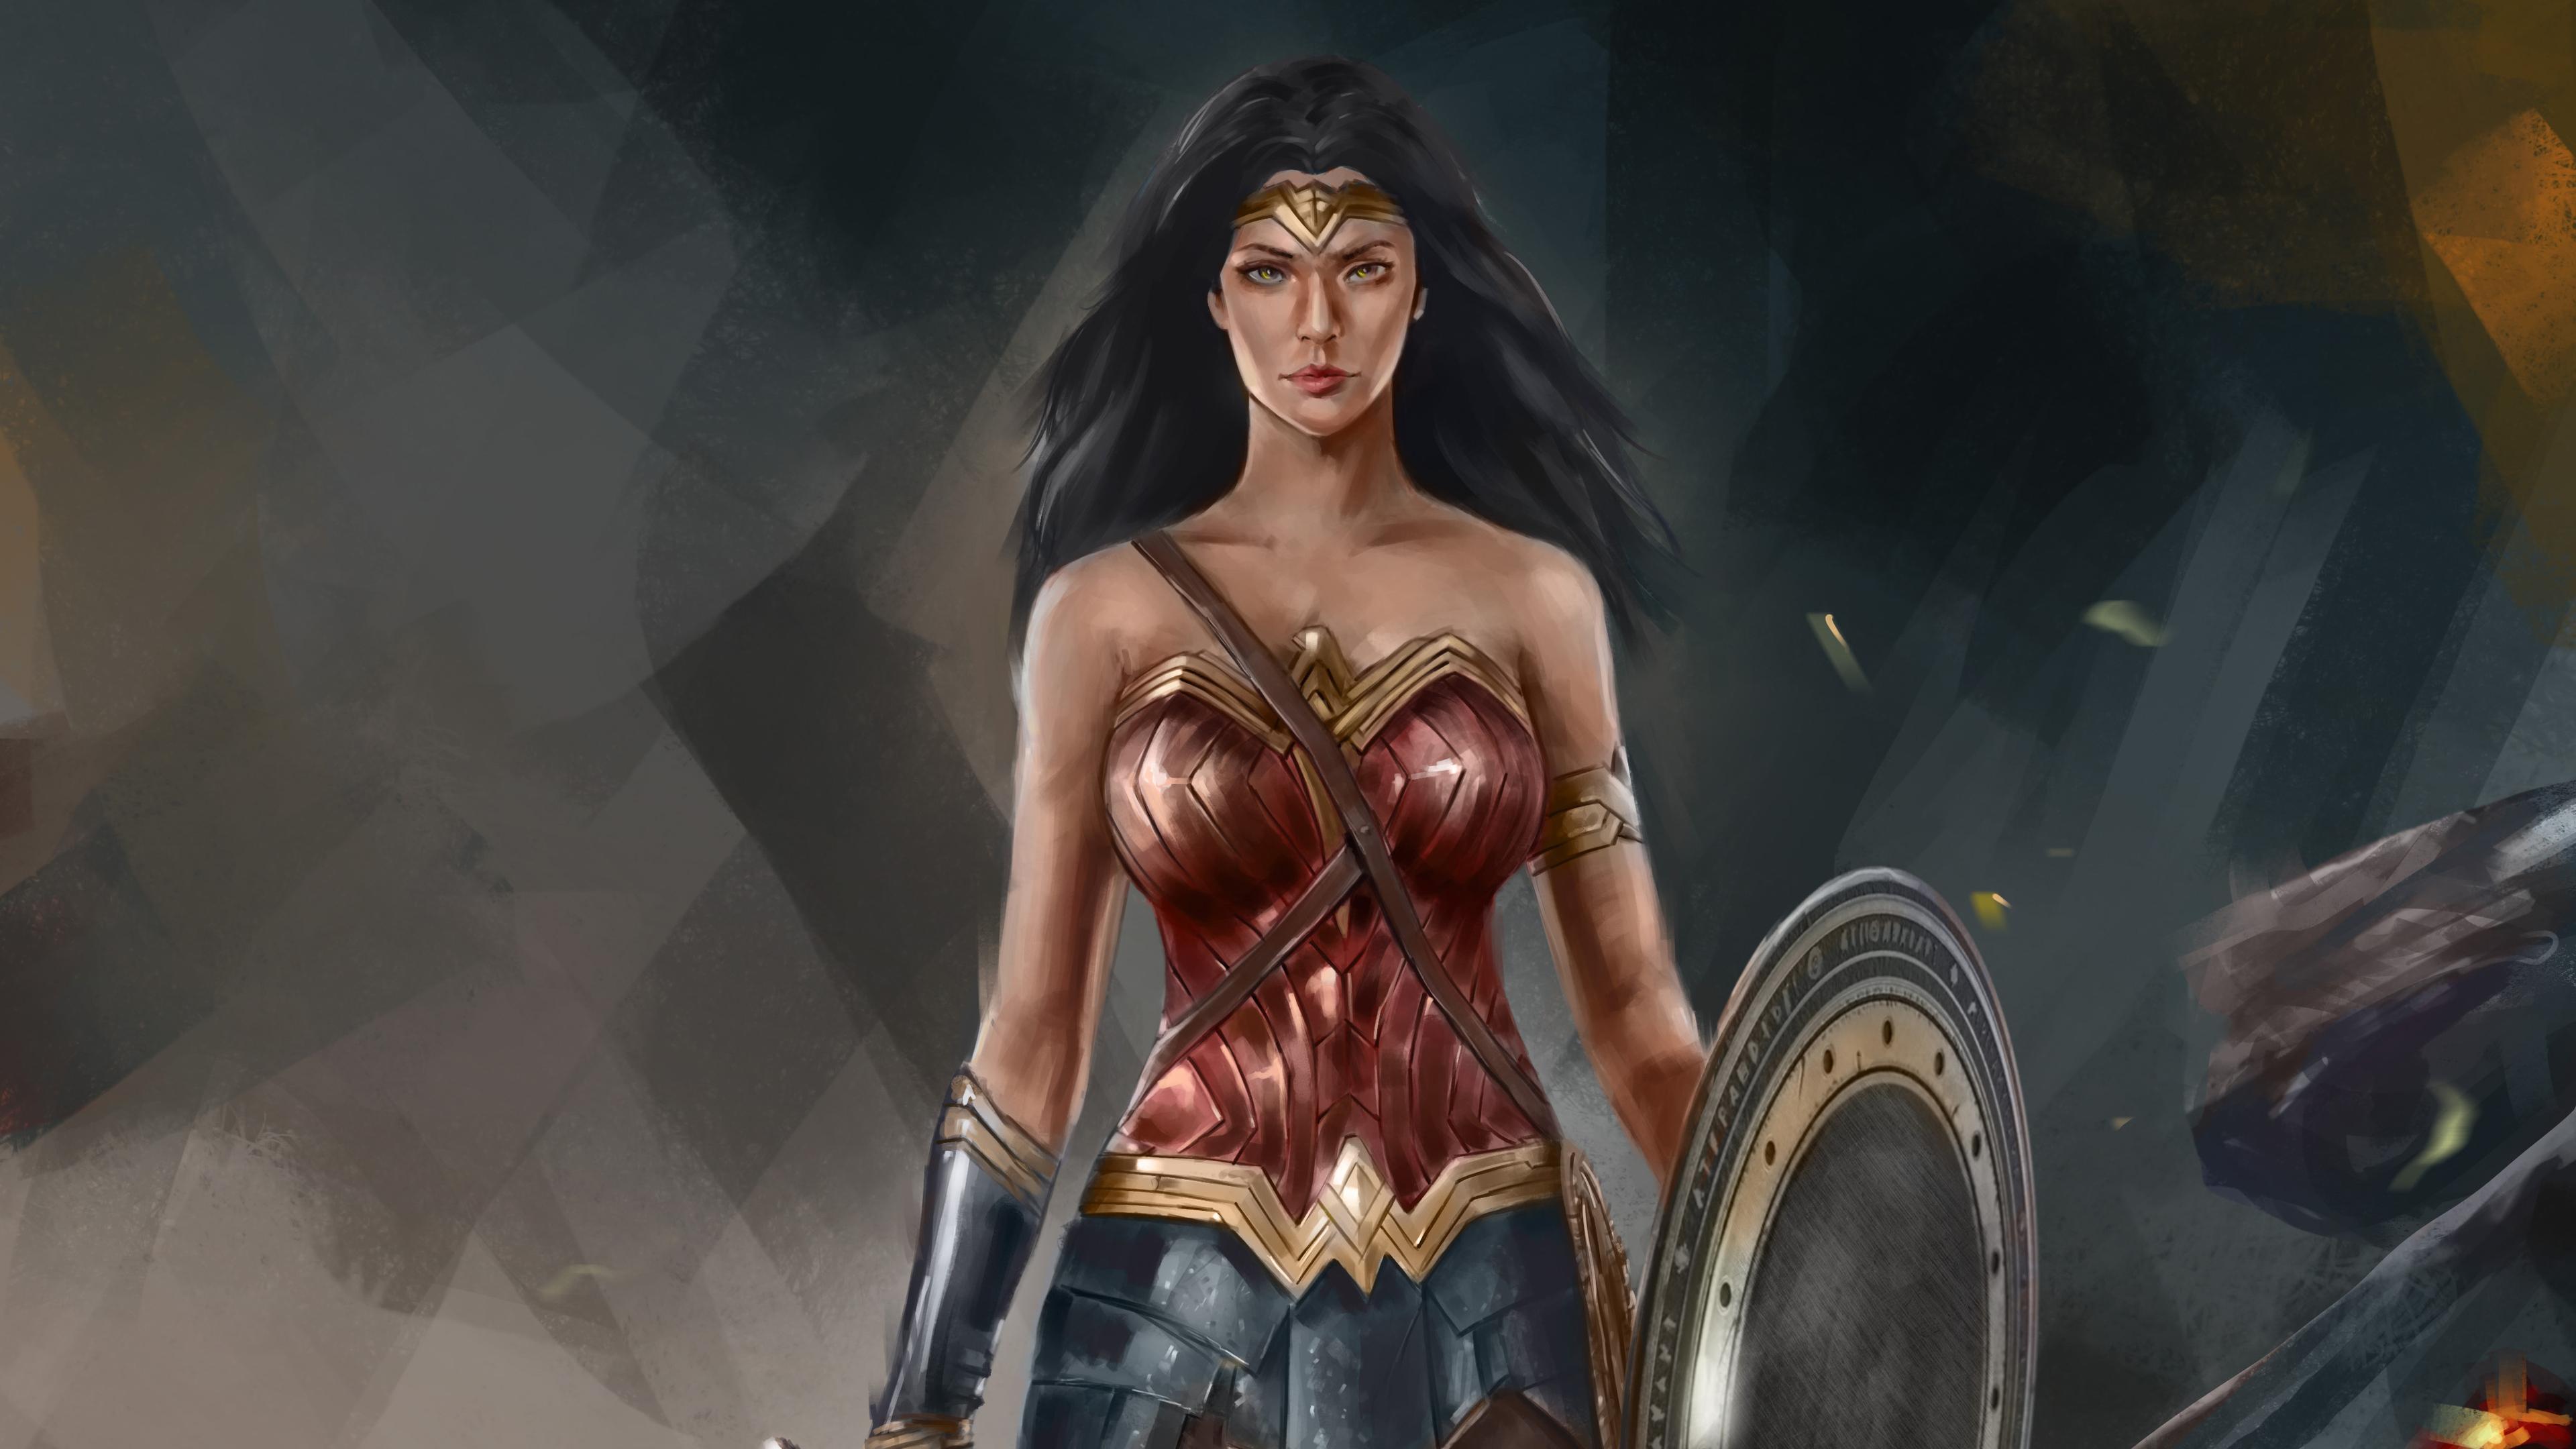 4k wonder woman artworks 1553071722 - 4k Wonder Woman Artworks - wonder woman wallpapers, superheroes wallpapers, hd-wallpapers, deviantart wallpapers, artwork wallpapers, artist wallpapers, 4k-wallpapers